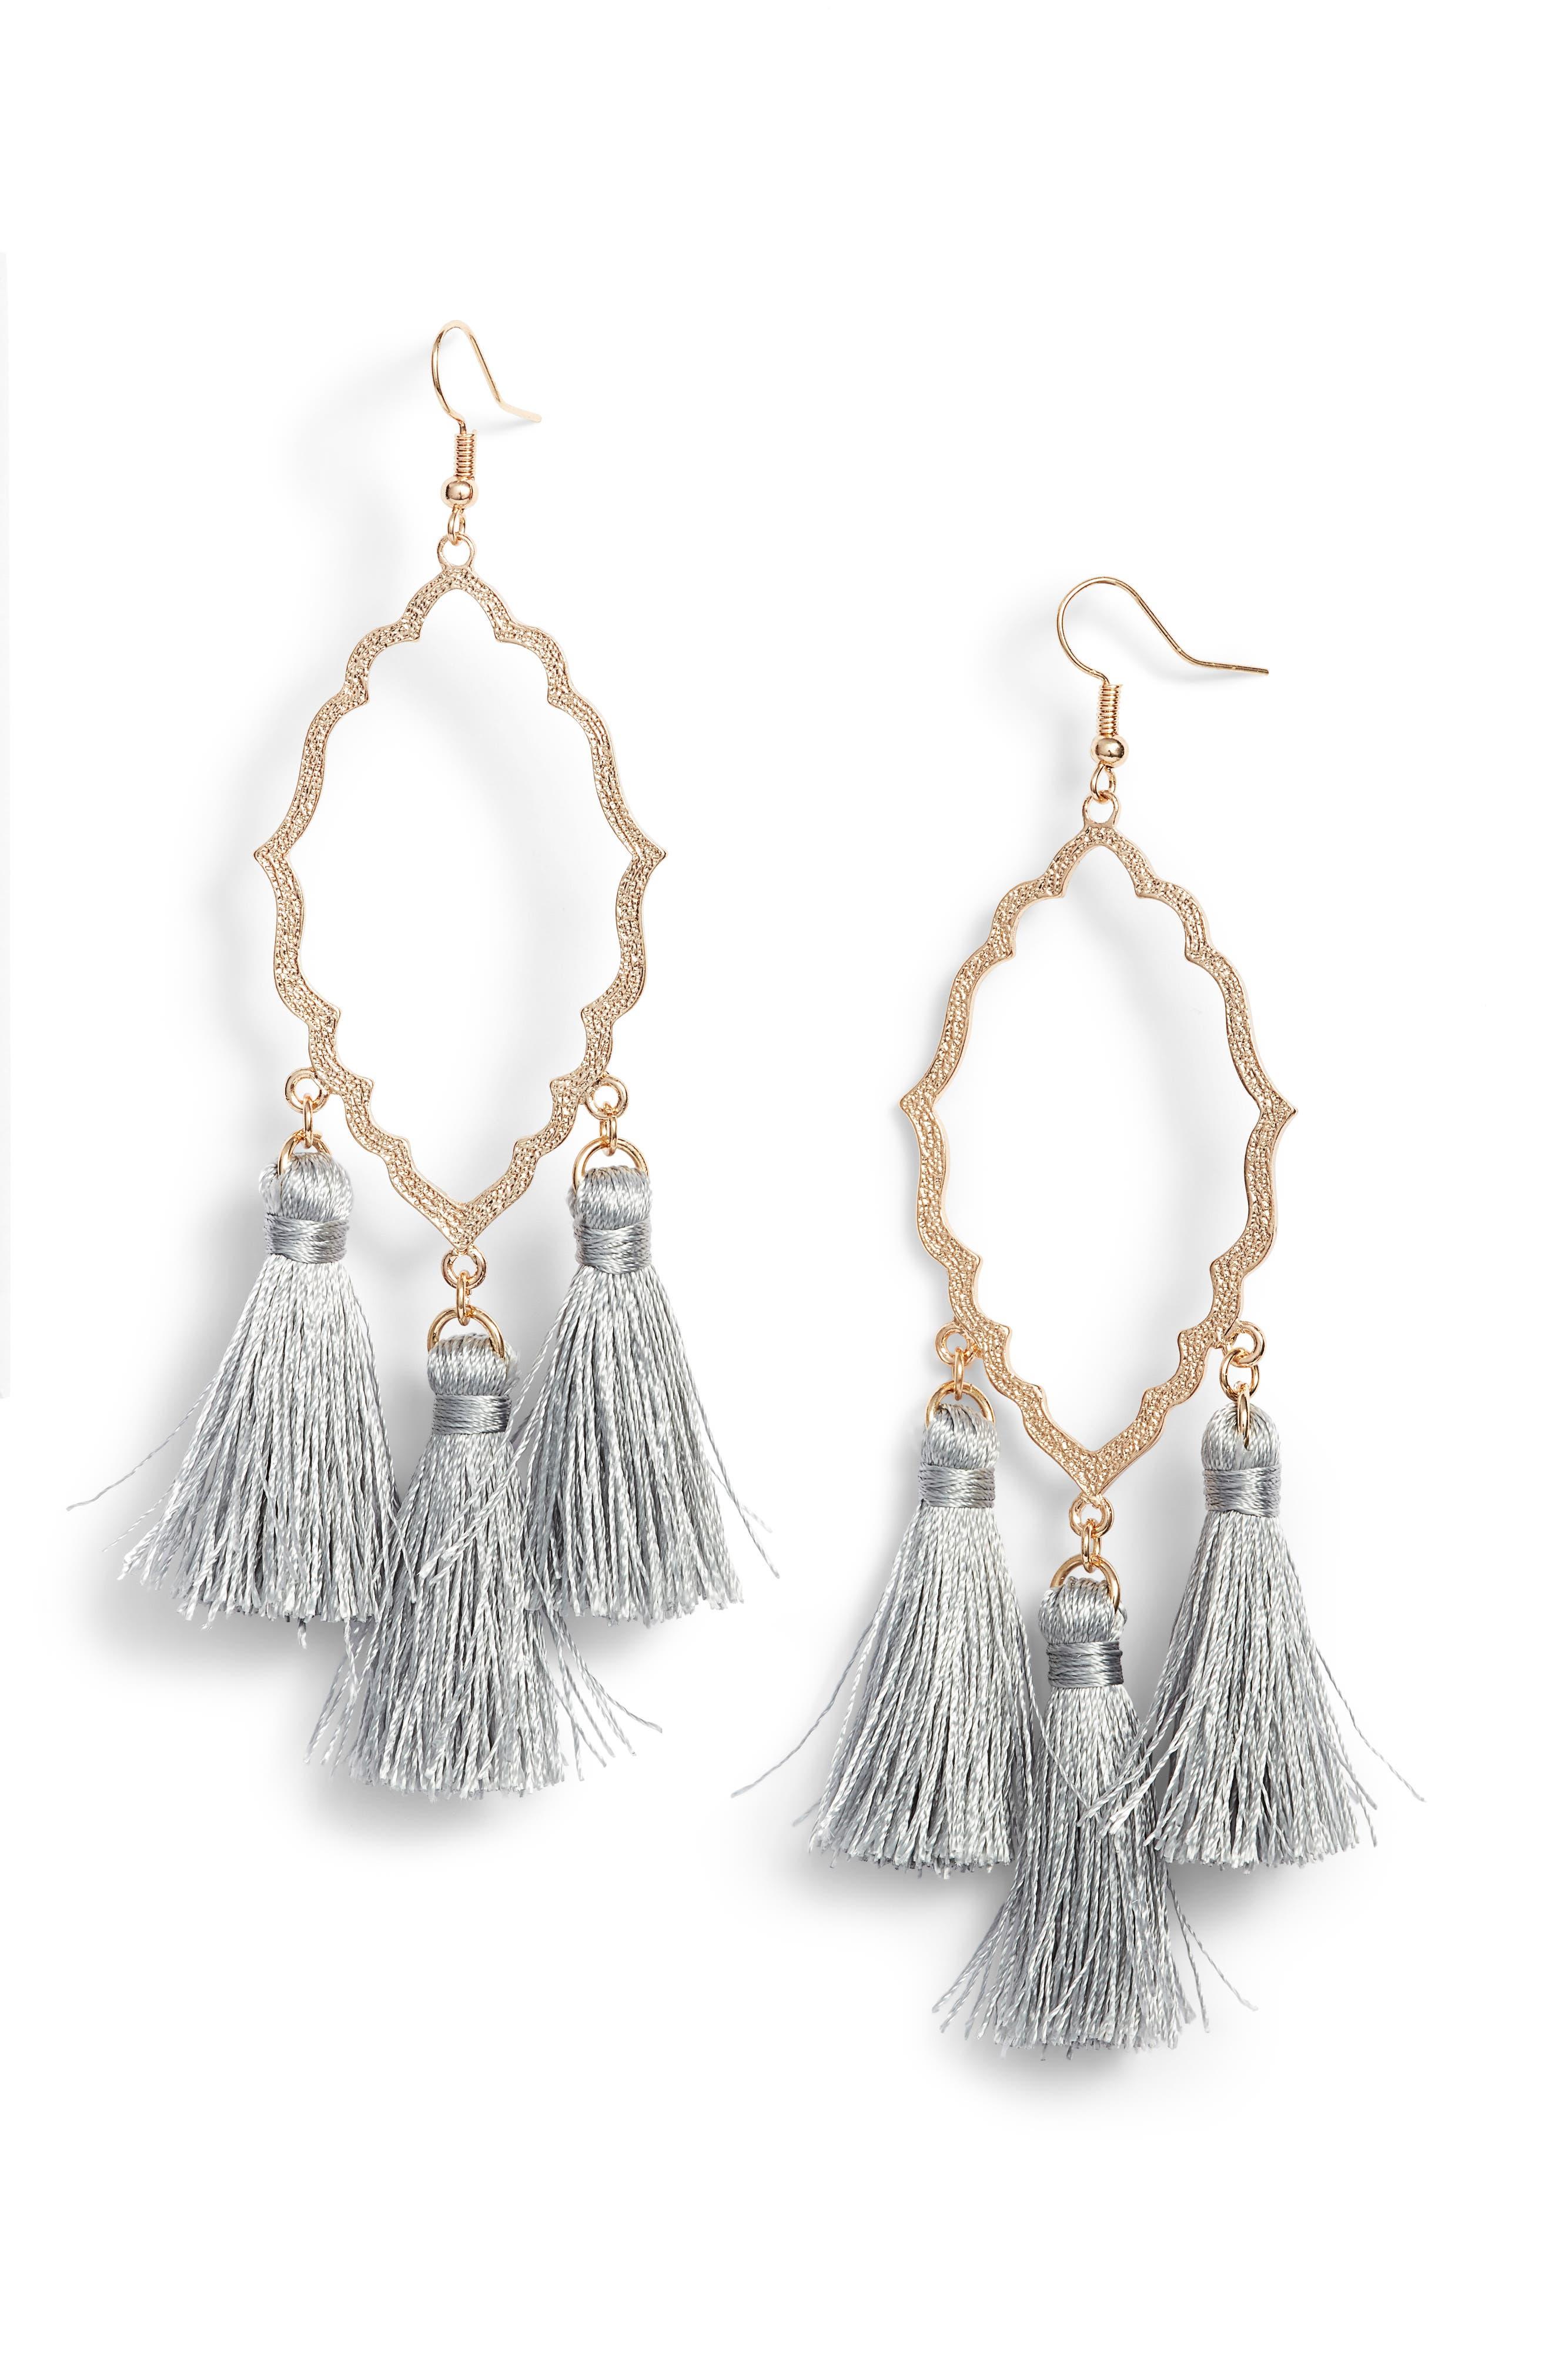 Alternate Image 1 Selected - BP. Medallion Tassel Earrings